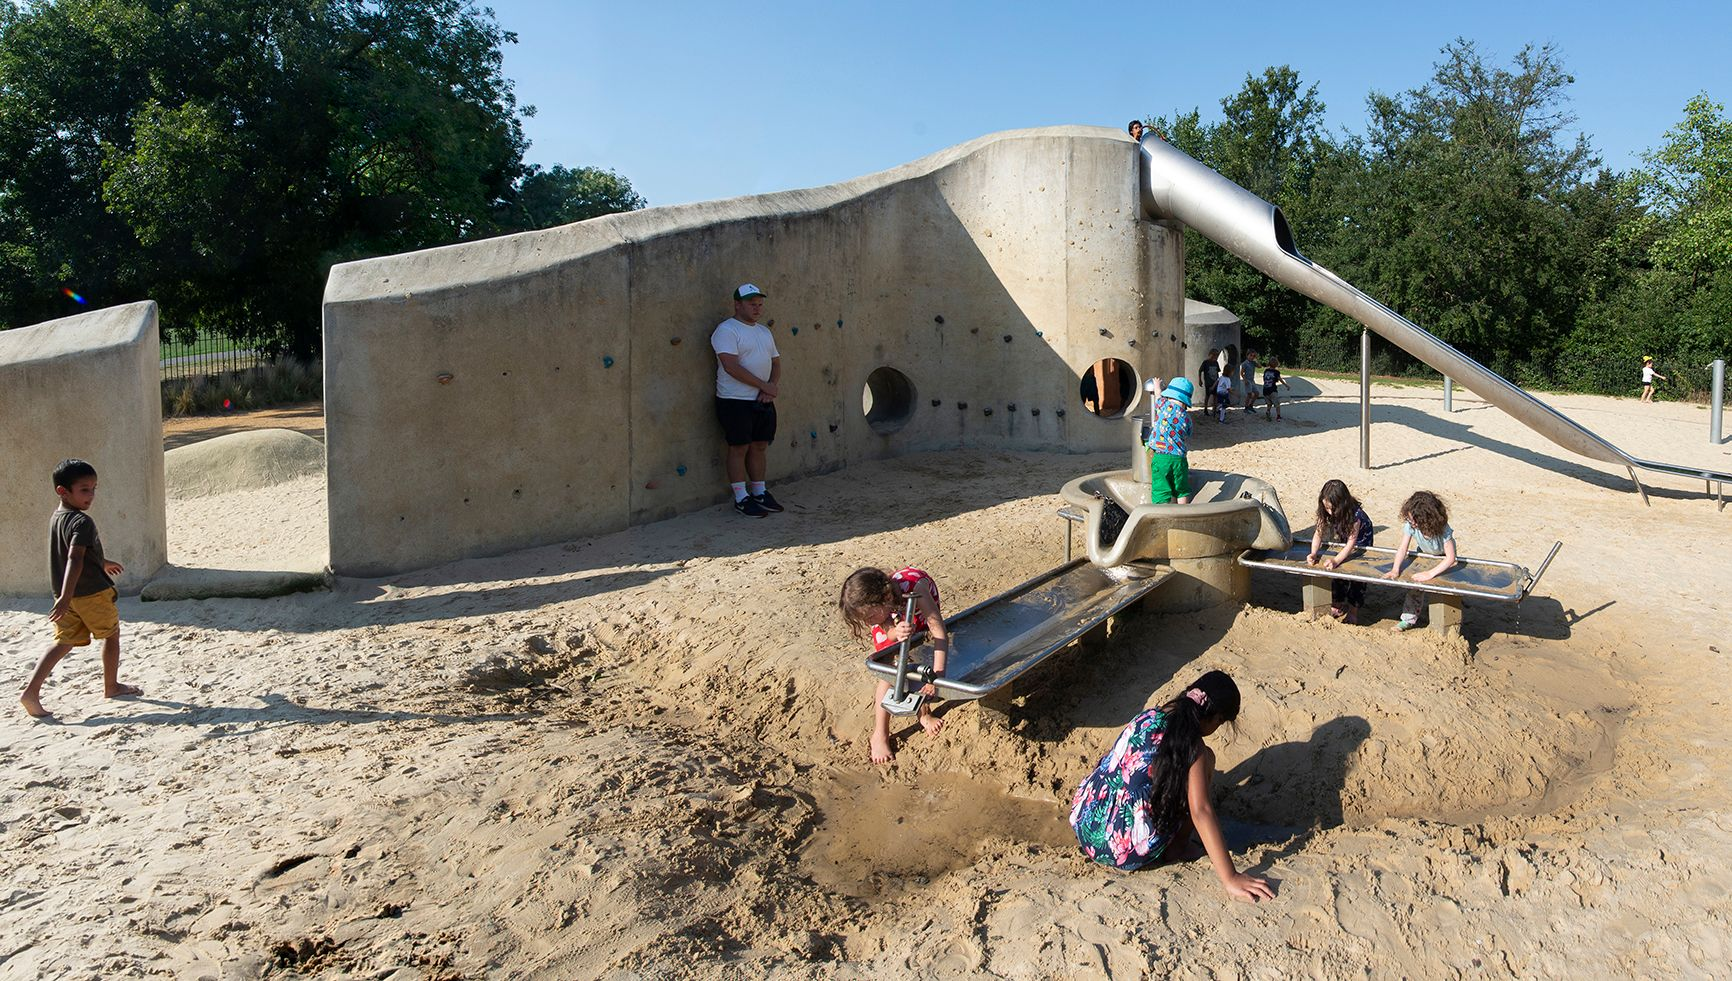 ДЕТСКАЯ ФАБРИКА Лондон Риджентс-Парк детская площадка мокрый песок